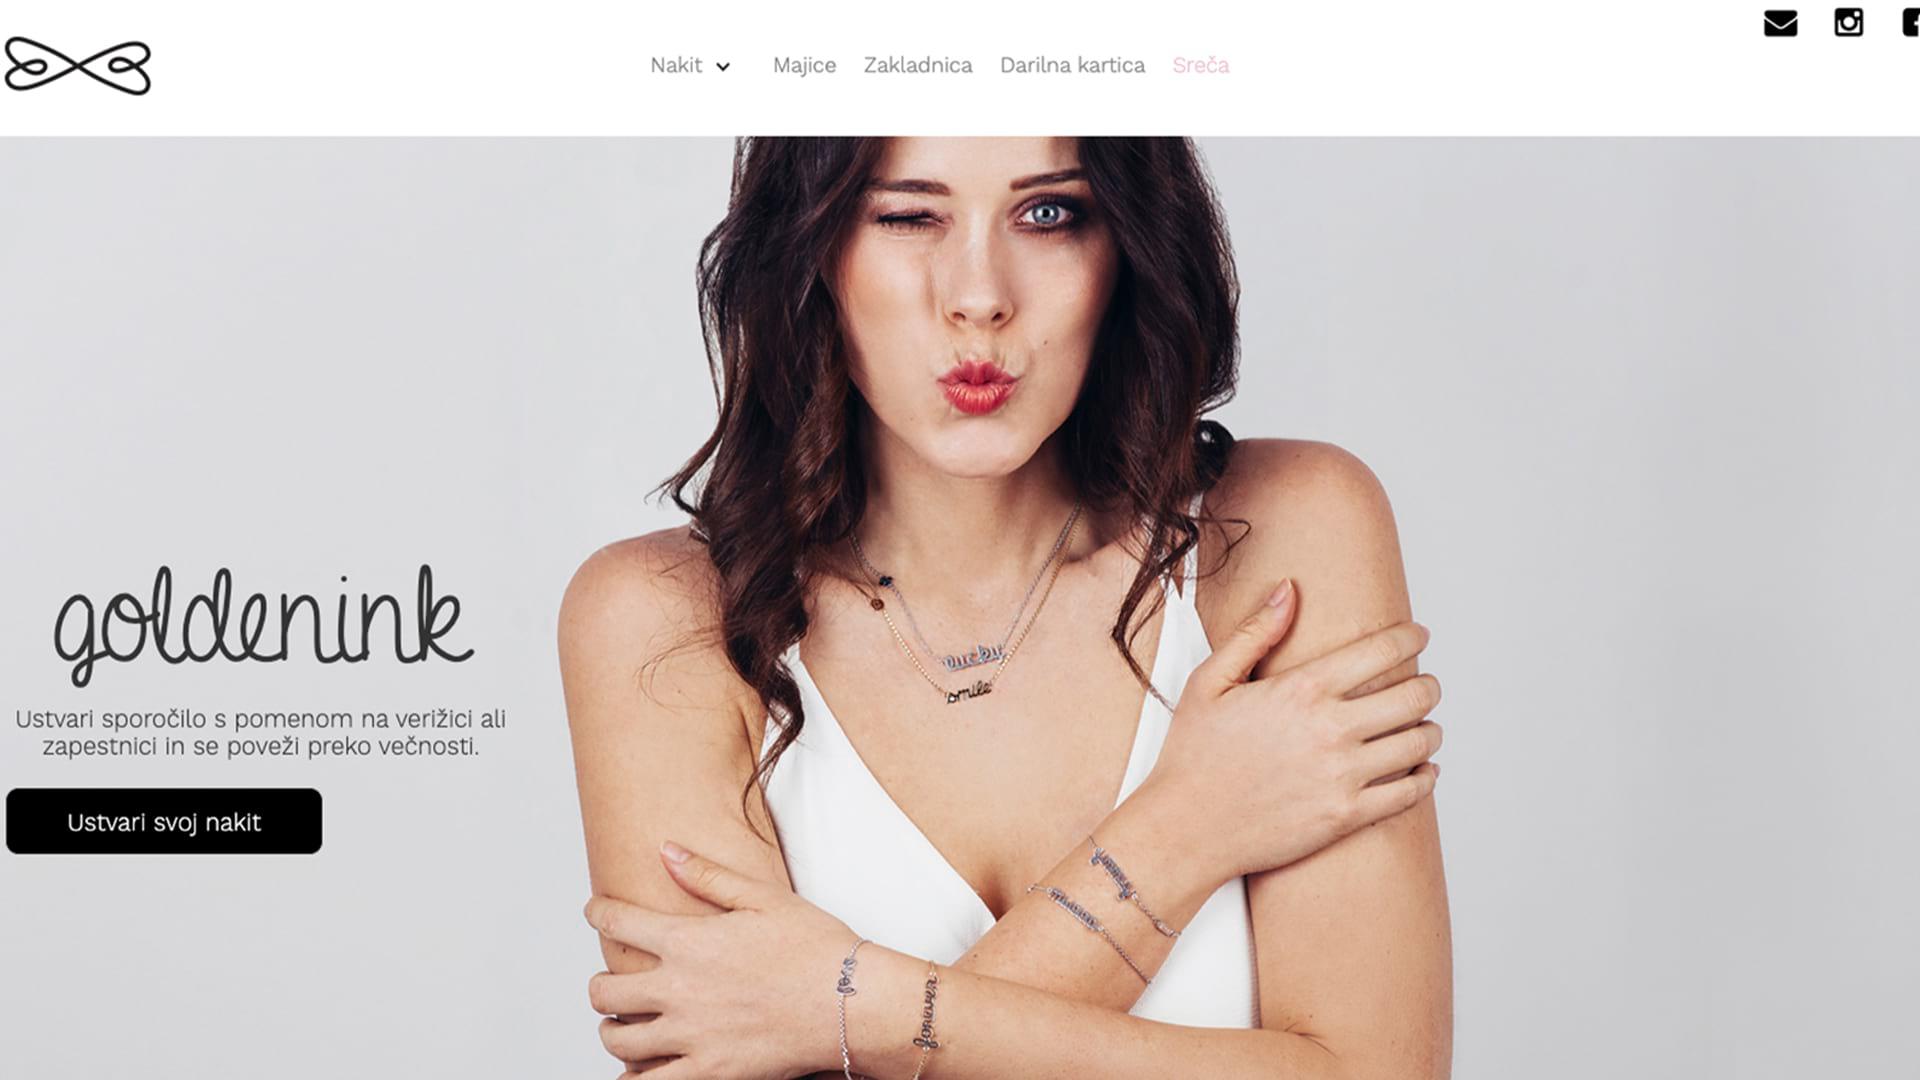 GoldenInk: Postavitev spletne trgovine